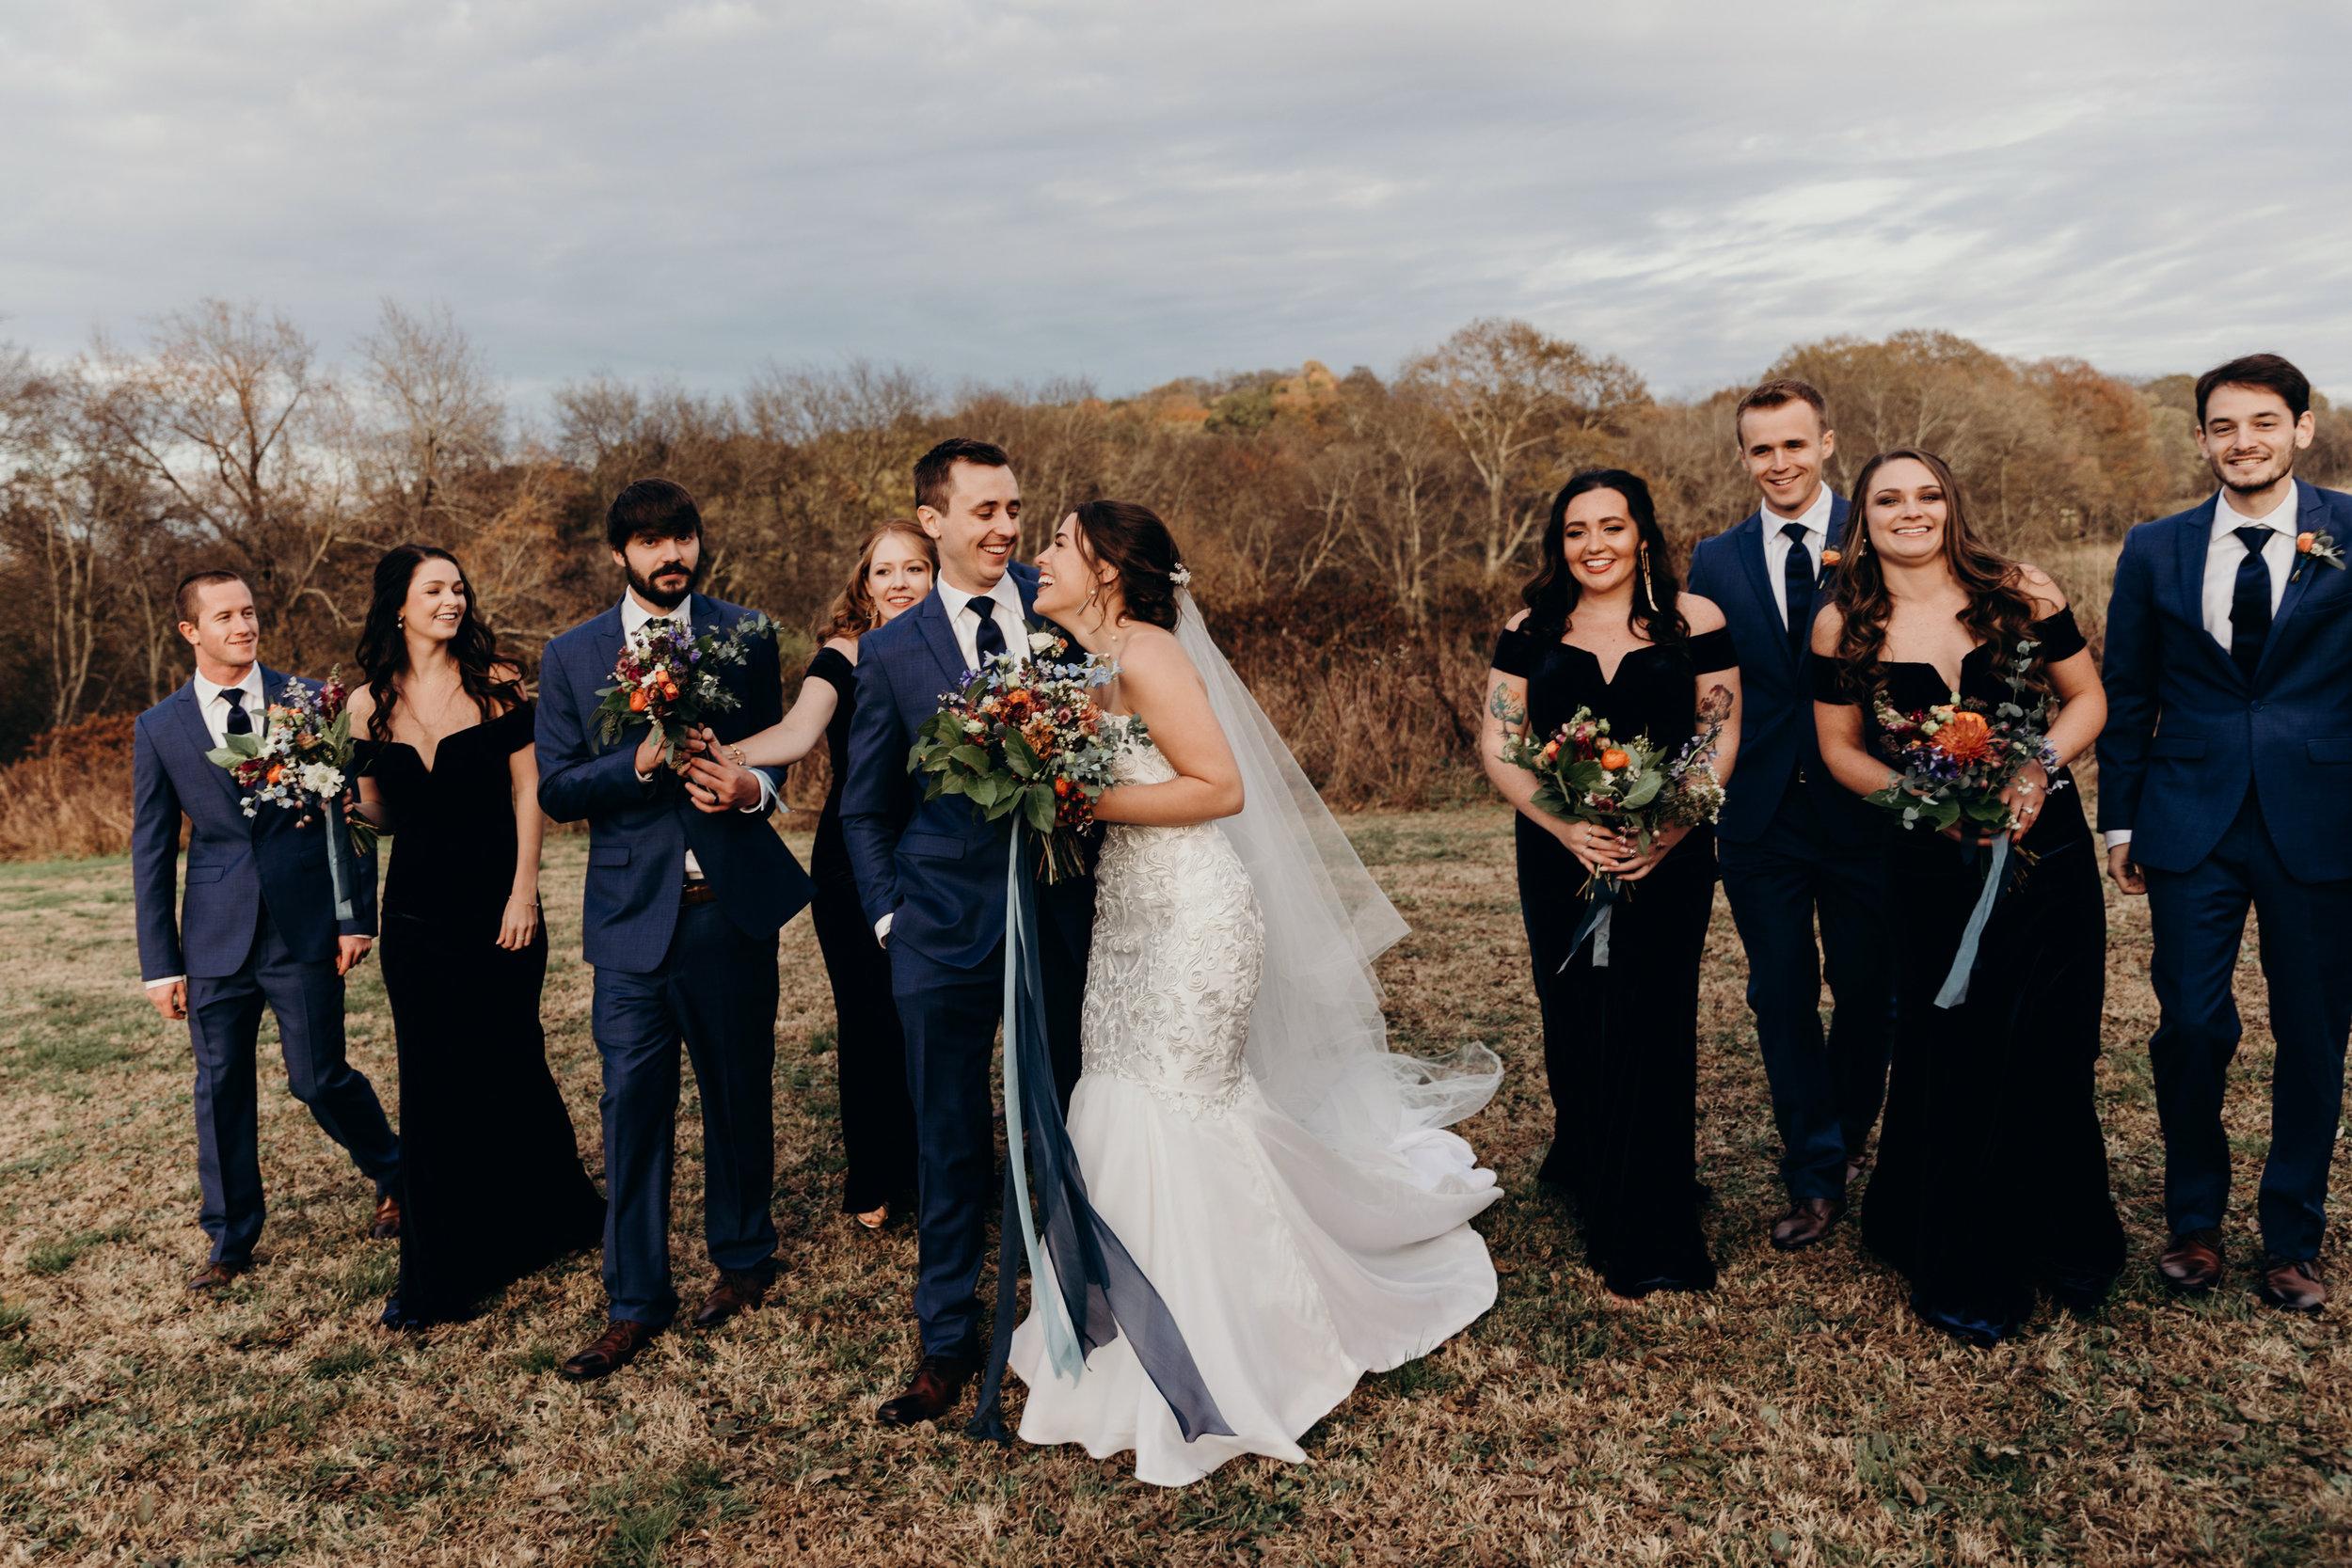 398-ltw-morgan-adam-wedding.jpg